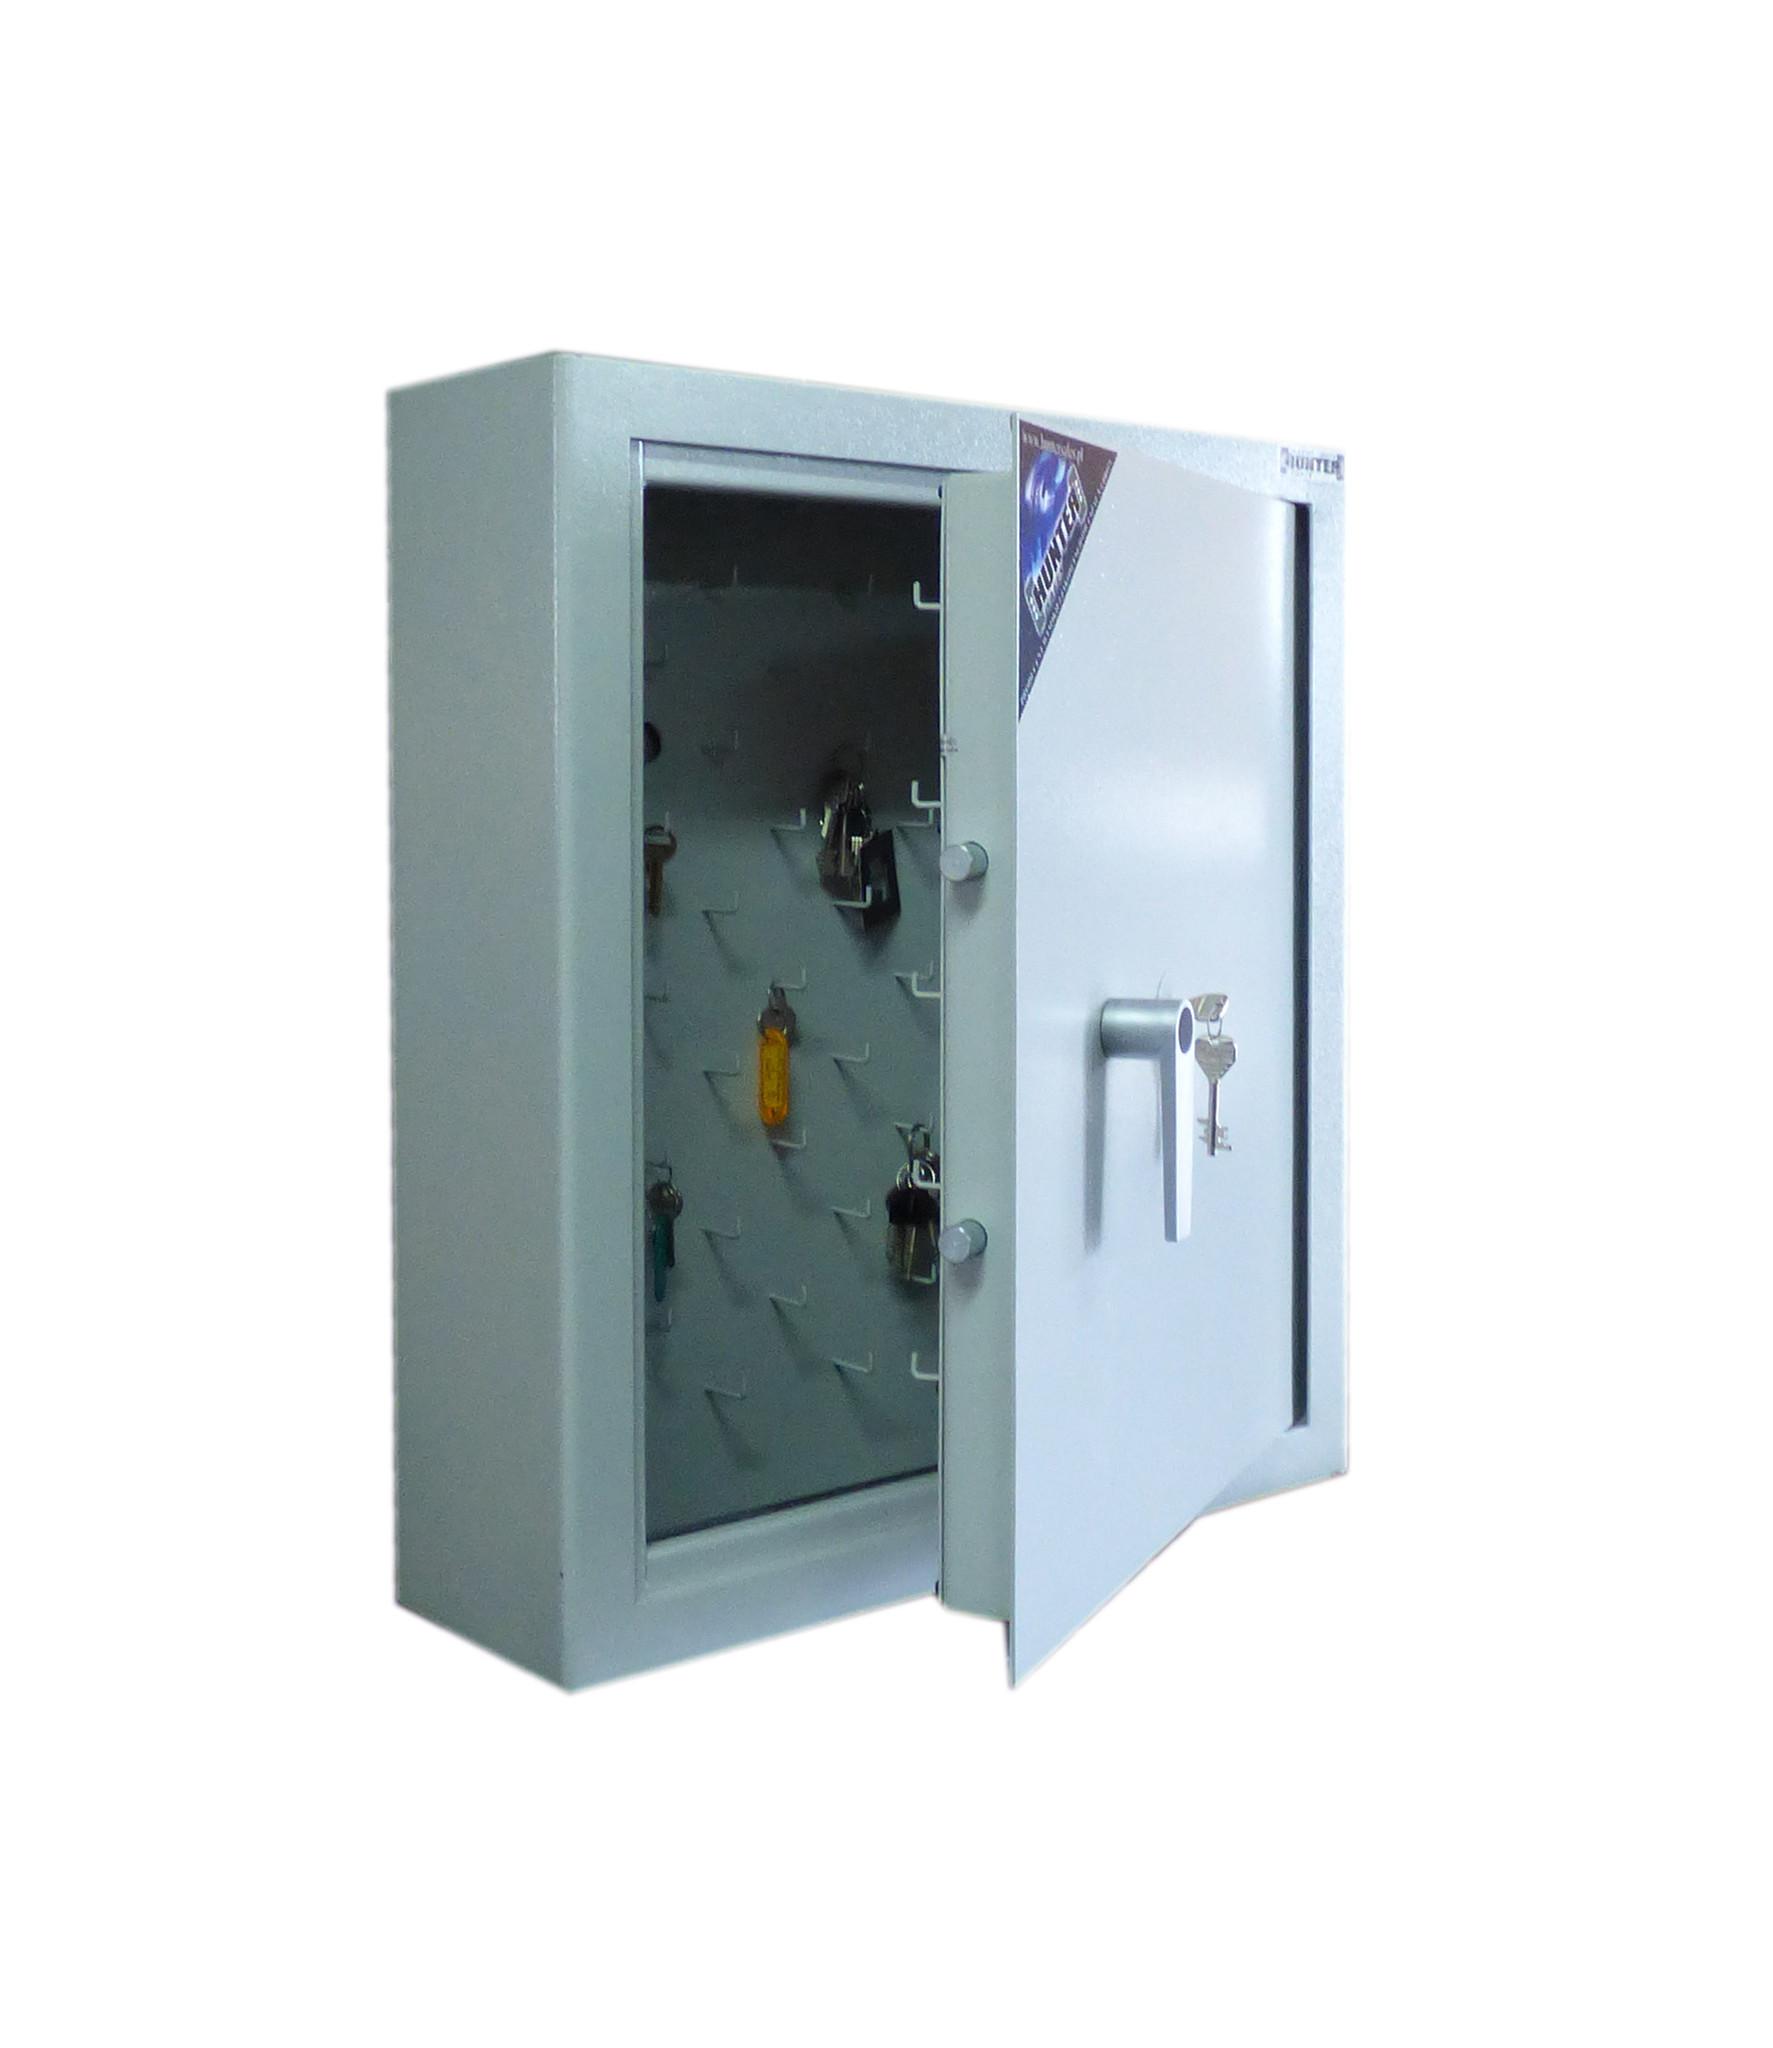 NL-Sleutelkluis K700 voor 50 - 80 sleutels, bovag kluis, rdw kluis, kluis voor sleutels